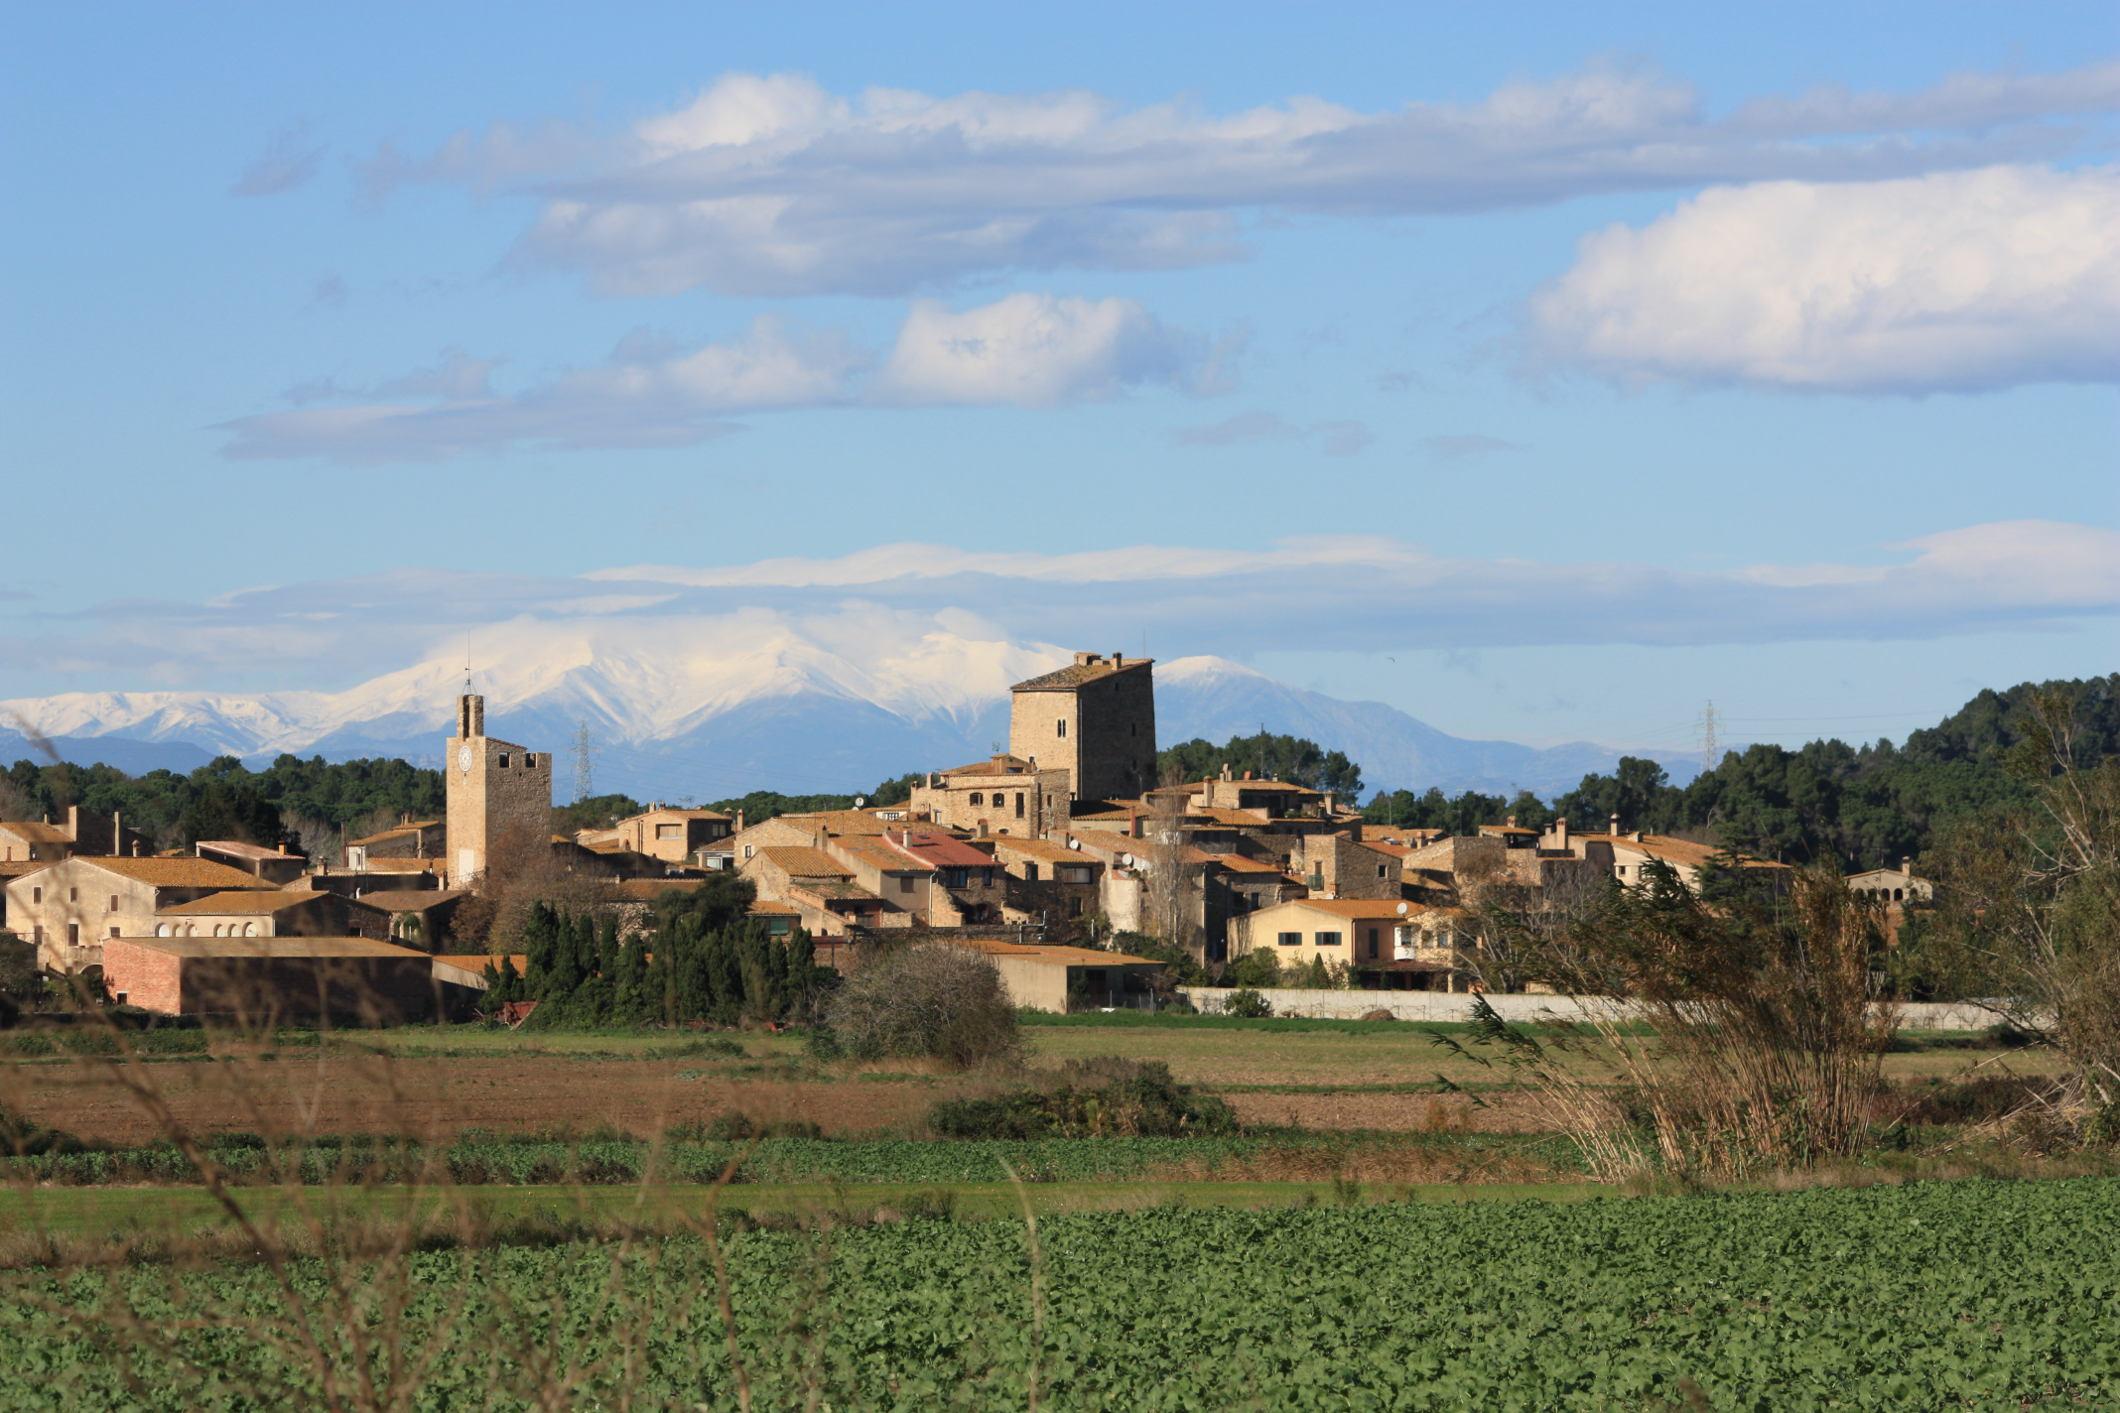 espectaculares vistas de Palau Sator, Baix Empordà, Girona